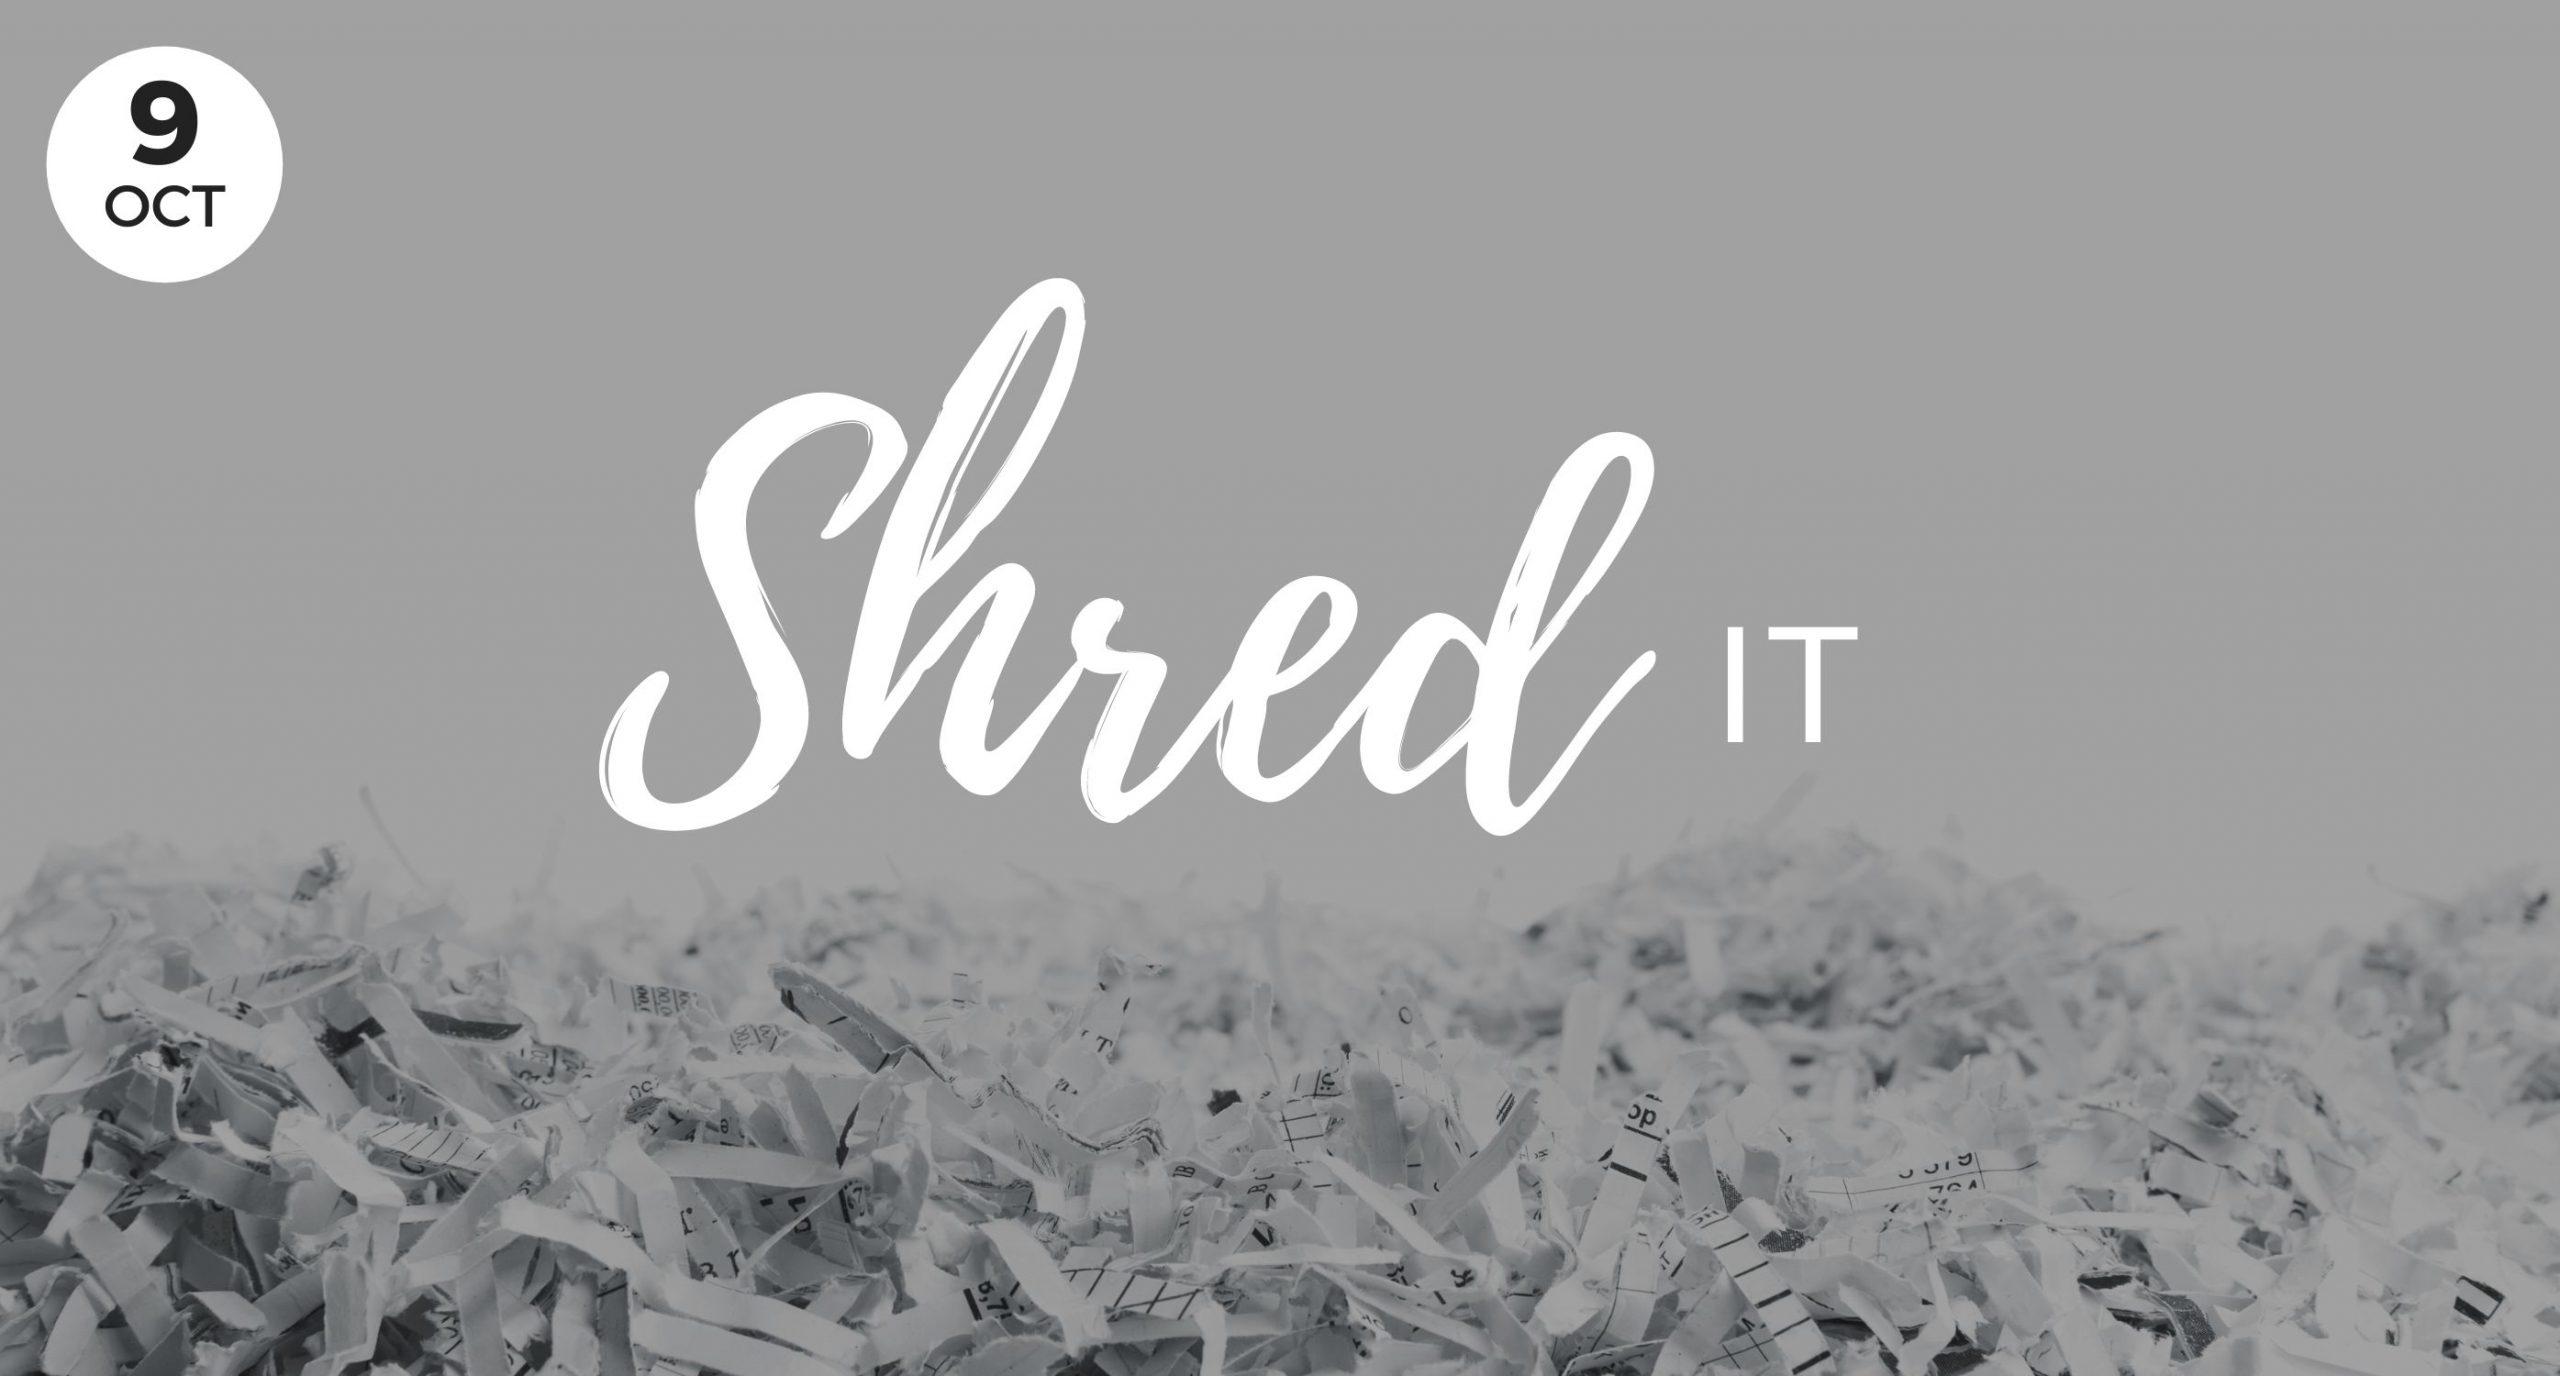 Shred-it, Local Event, Windermere Real Estate, Sponsor, Shred, Safe